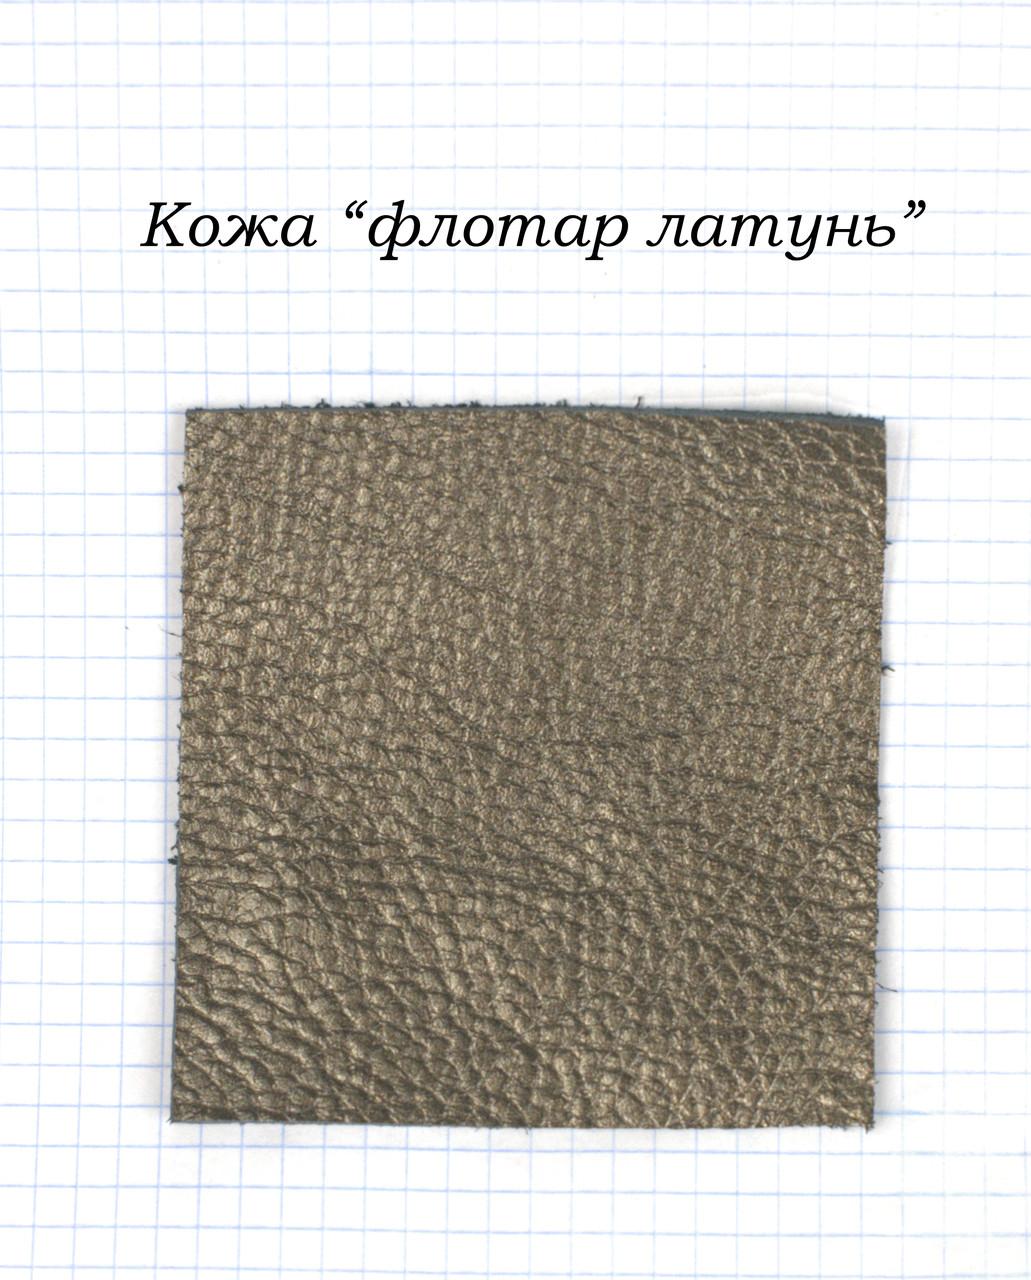 https://images.ua.prom.st/870213473_w640_h640__dsc2882.nef.jpg